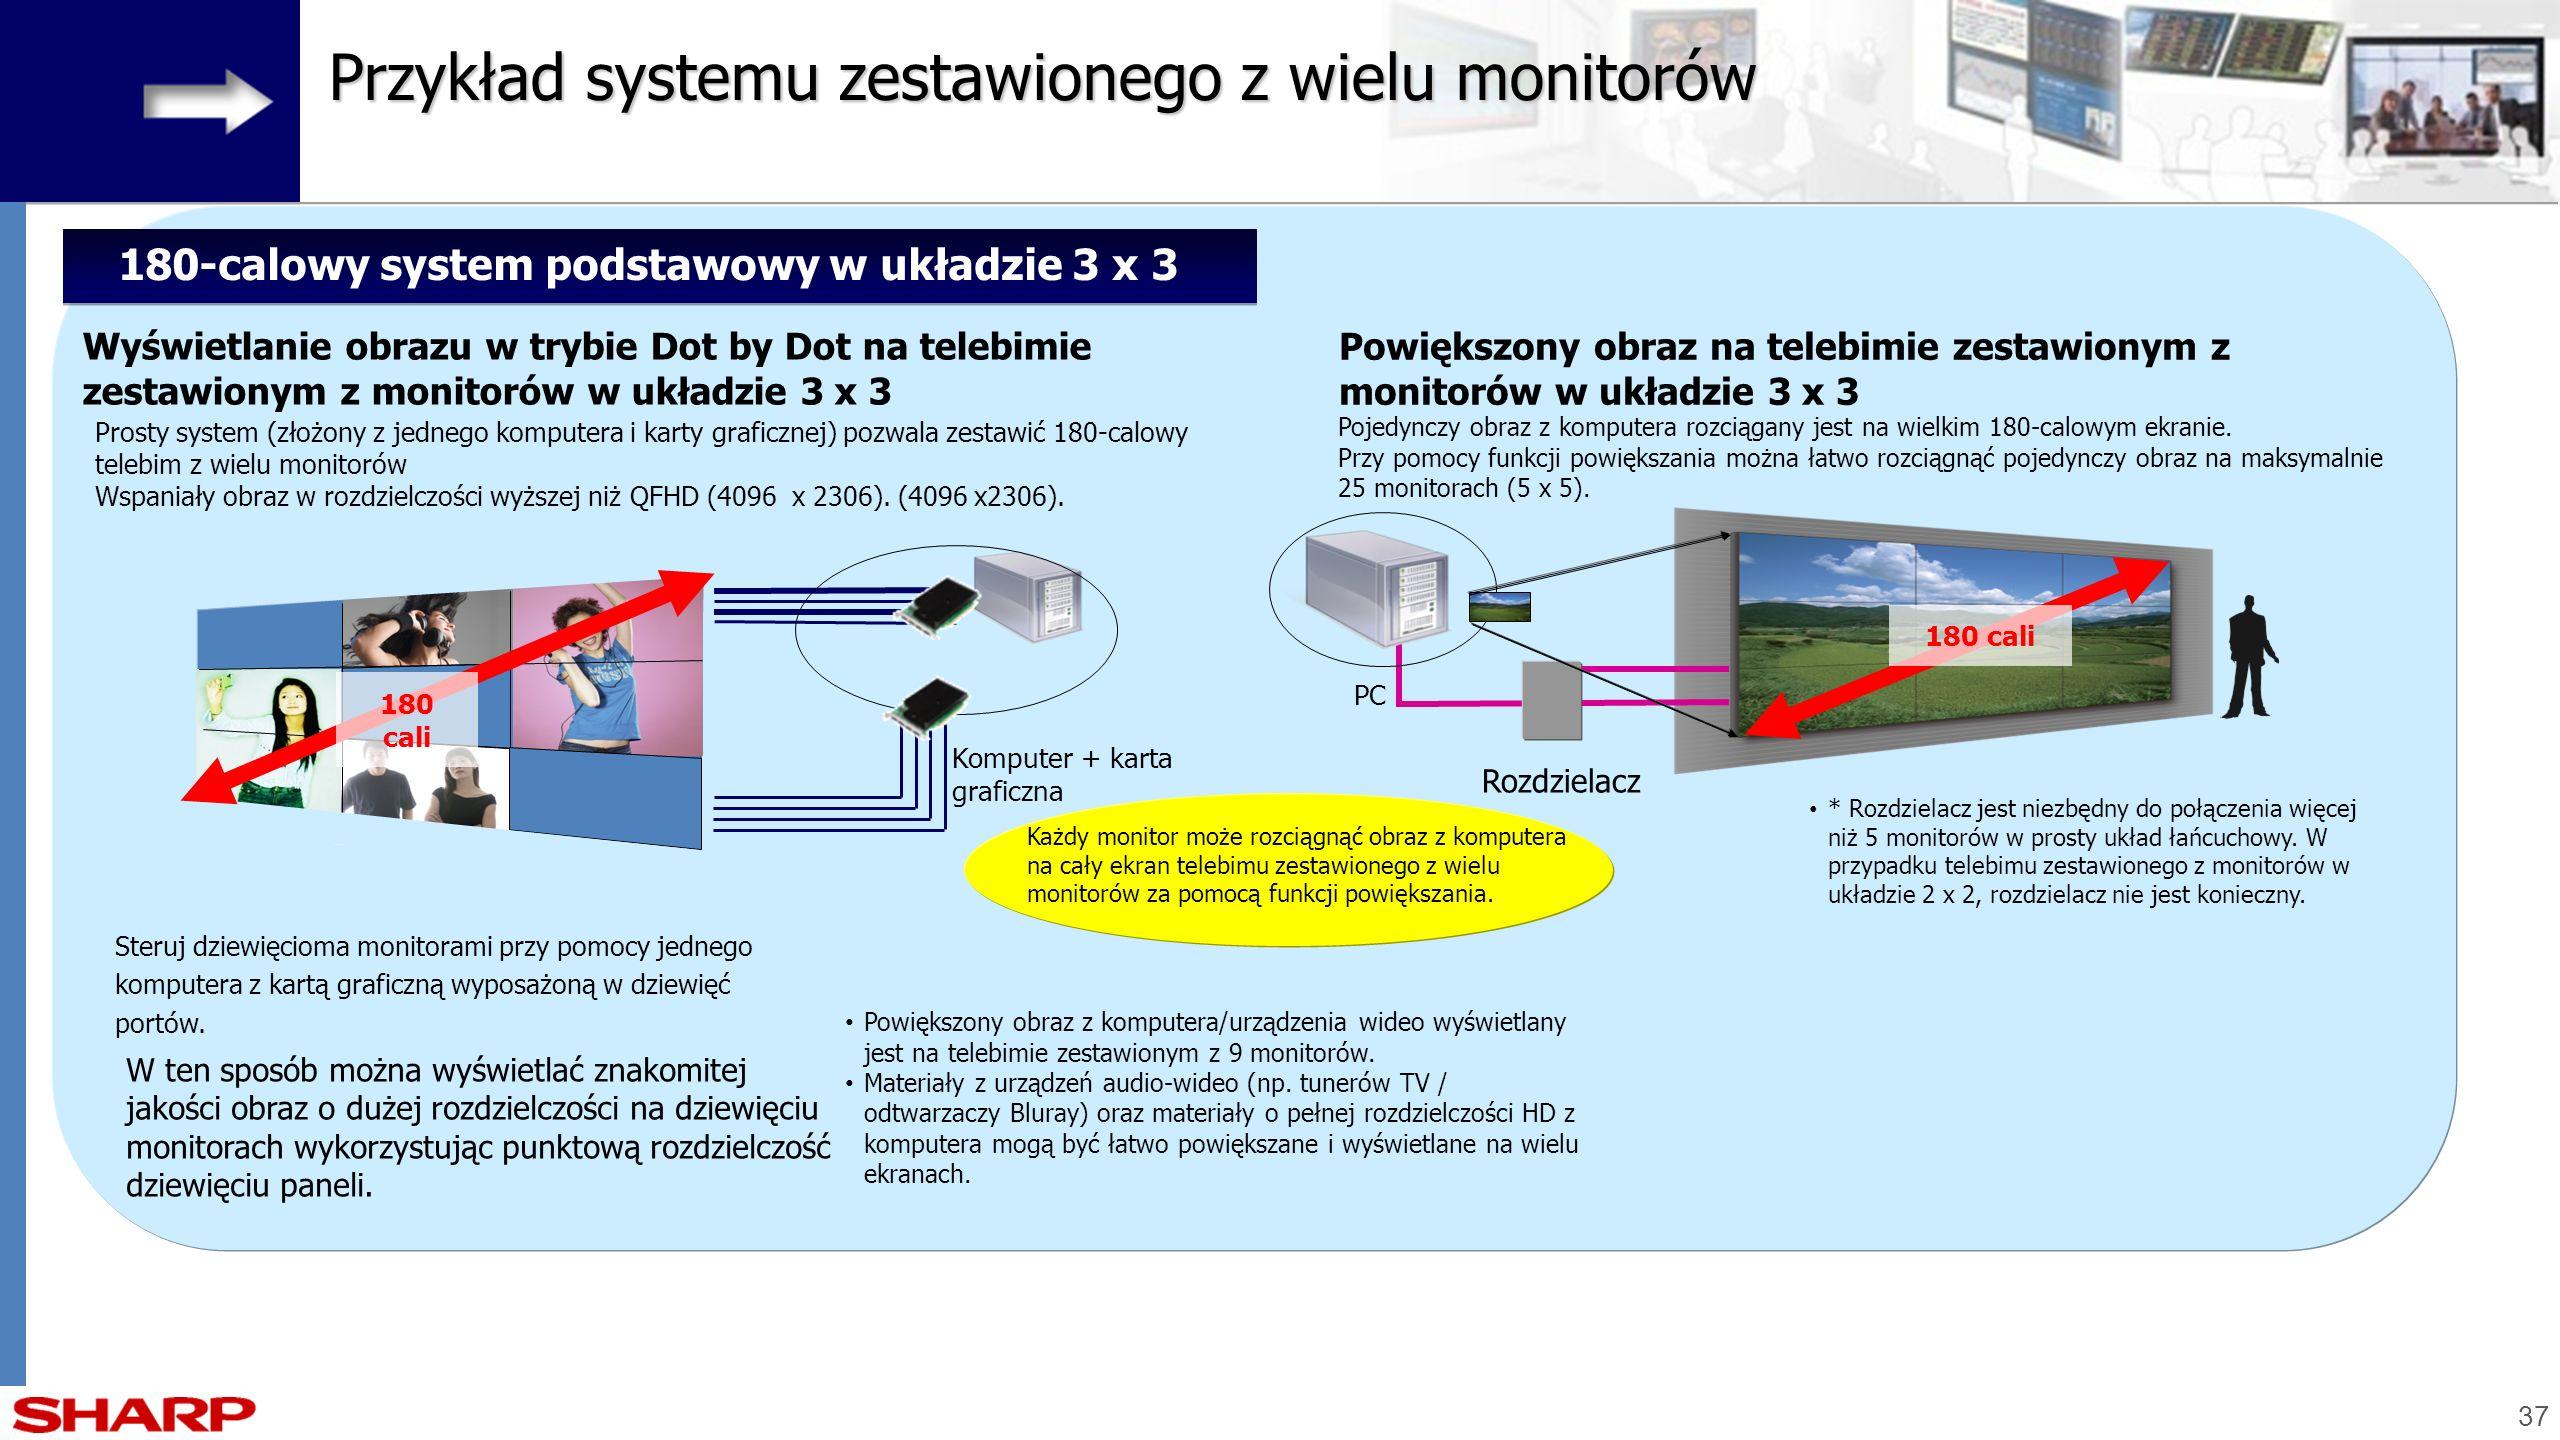 37 180-calowy system podstawowy w układzie 3 x 3 Przykład systemu zestawionego z wielu monitorów Wyświetlanie obrazu w trybie Dot by Dot na telebimie